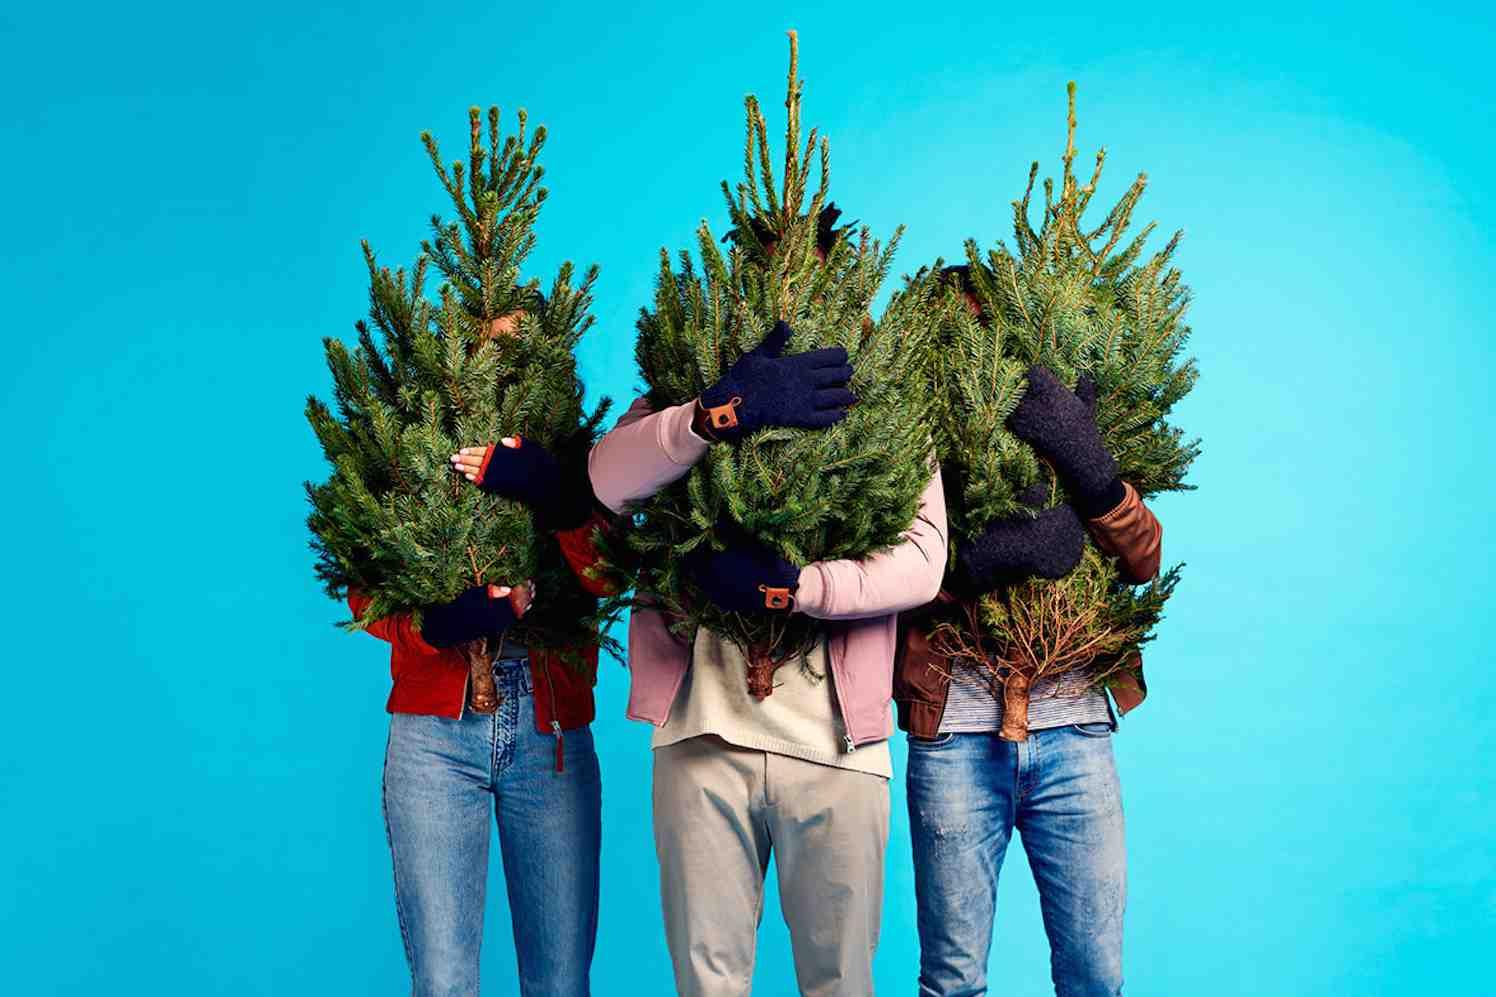 kerstbomen on-demand door Uber